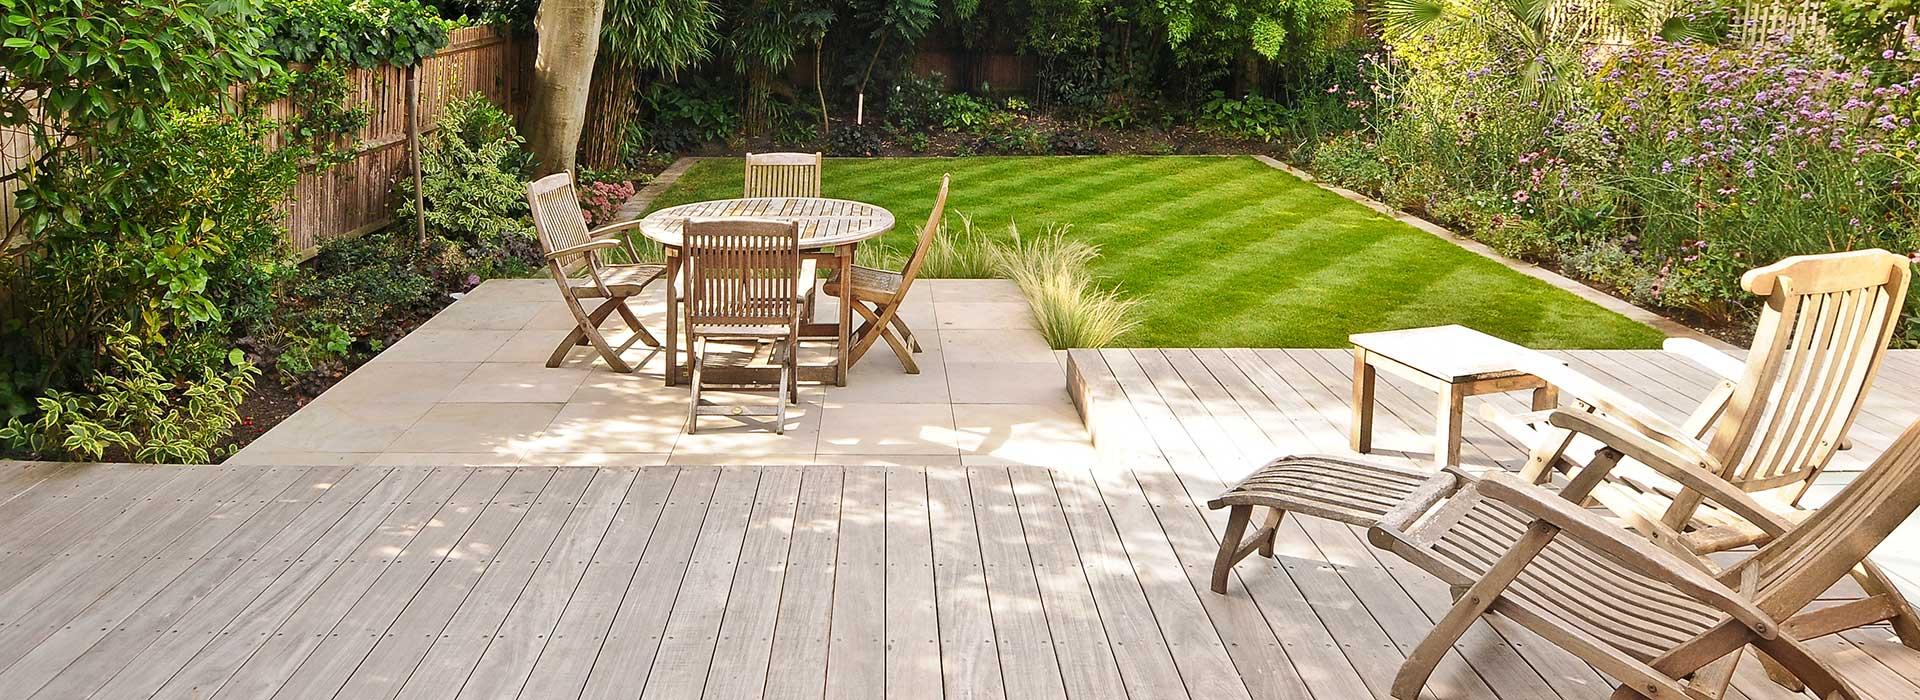 Garden Design In London Nice Look